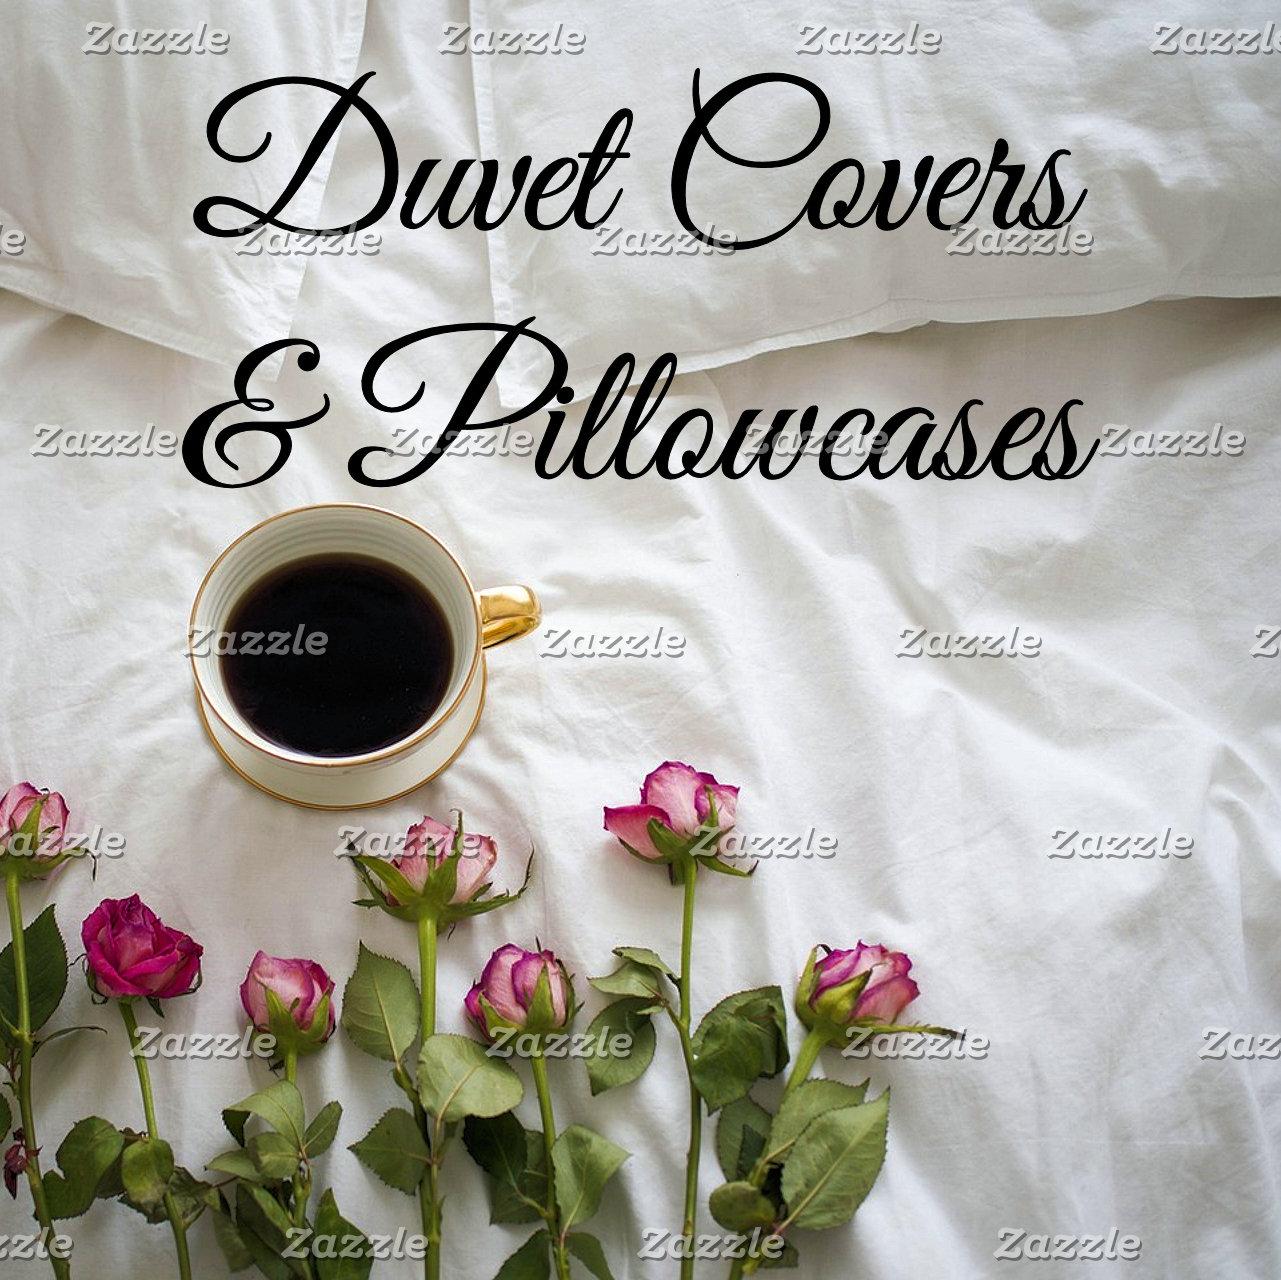 Bedding~Duvet Covers & Pillowcases